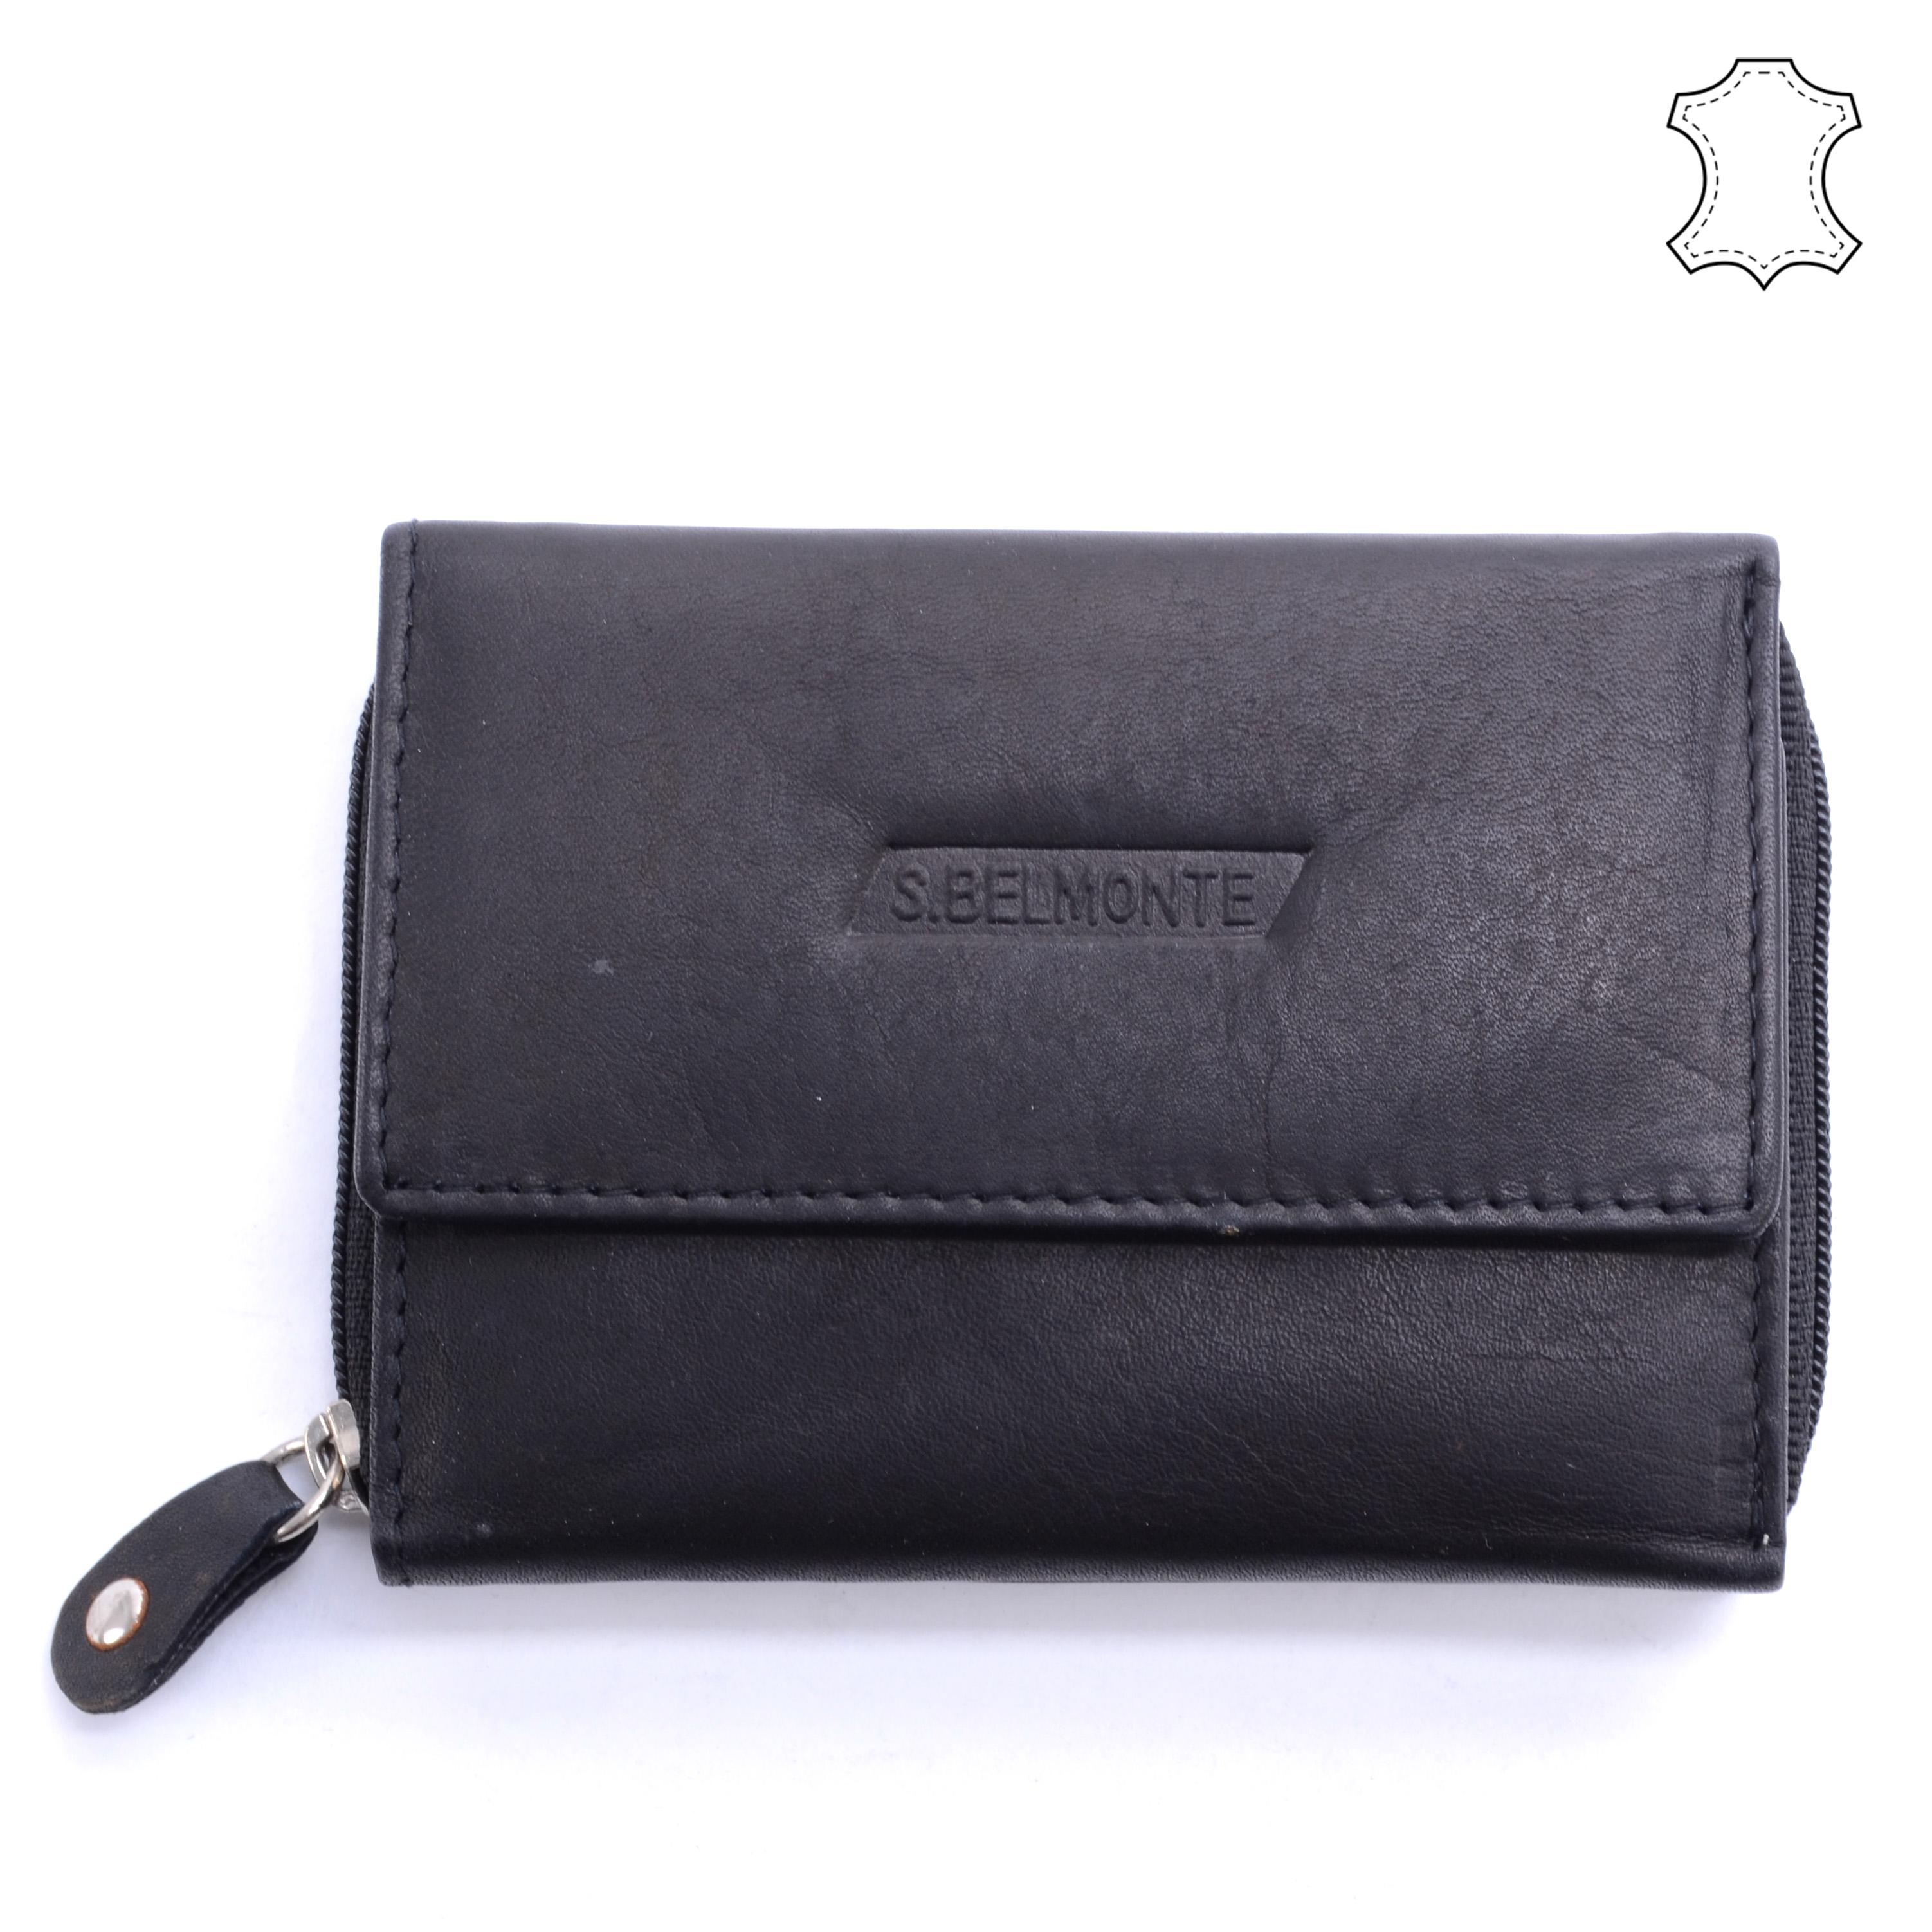 01f72b964b Női Bőr Pénztárca Fekete - NŐI PÉNZTÁRCÁK - Táska webáruház - Minőségi  táskák mindenkinek